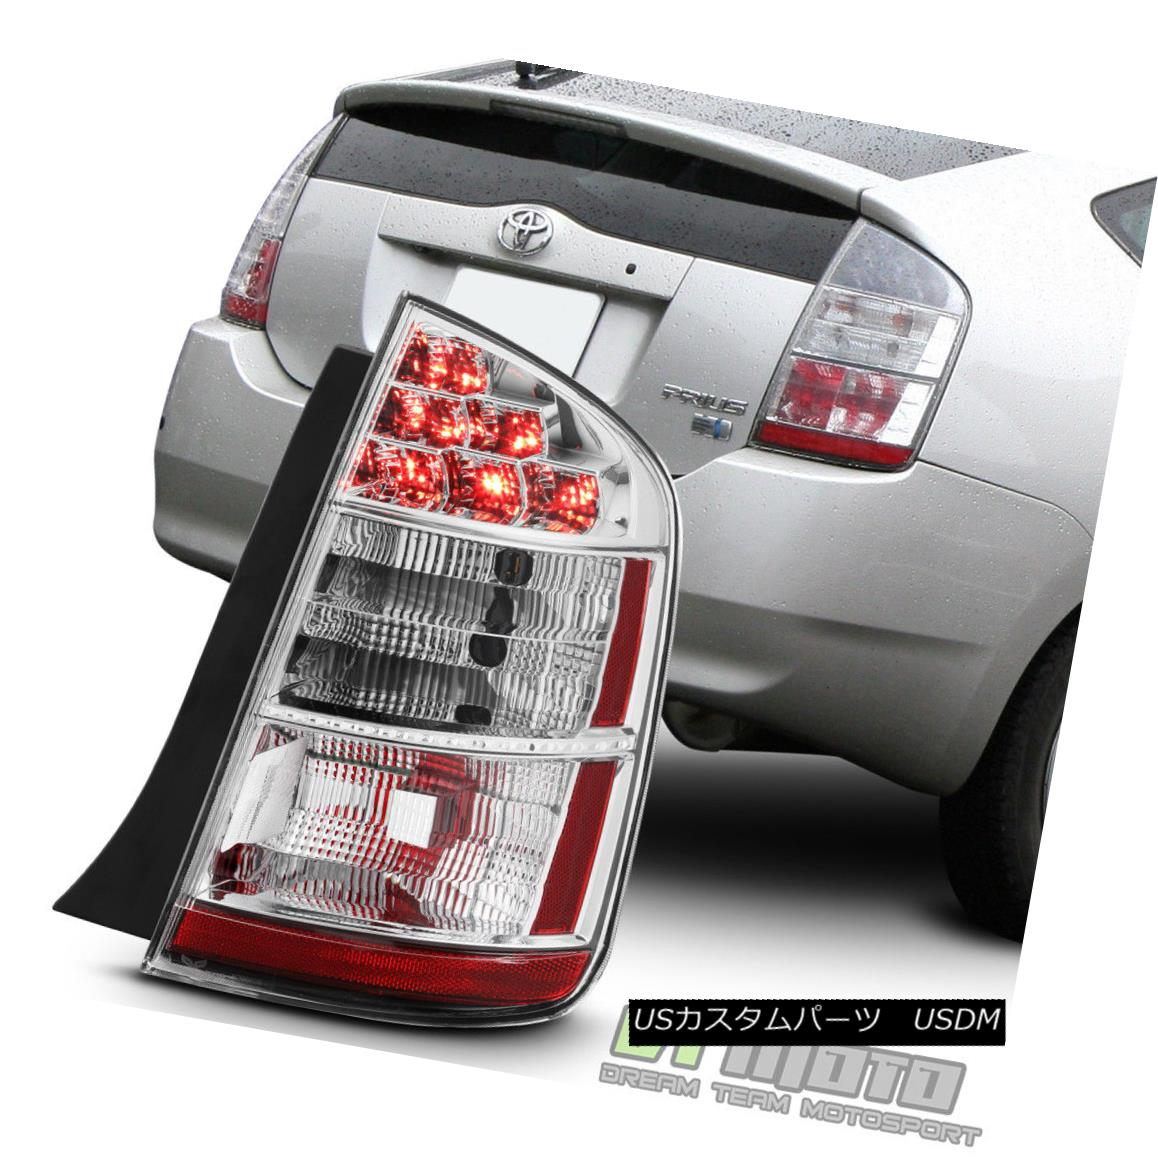 テールライト 2006 2007 2008 2009 Toyota Prius Tail Light Brake Lamp Repacement Passenger Side 2006 2007 2008 2009トヨタプリウステールライトブレーキランプ交換助手席